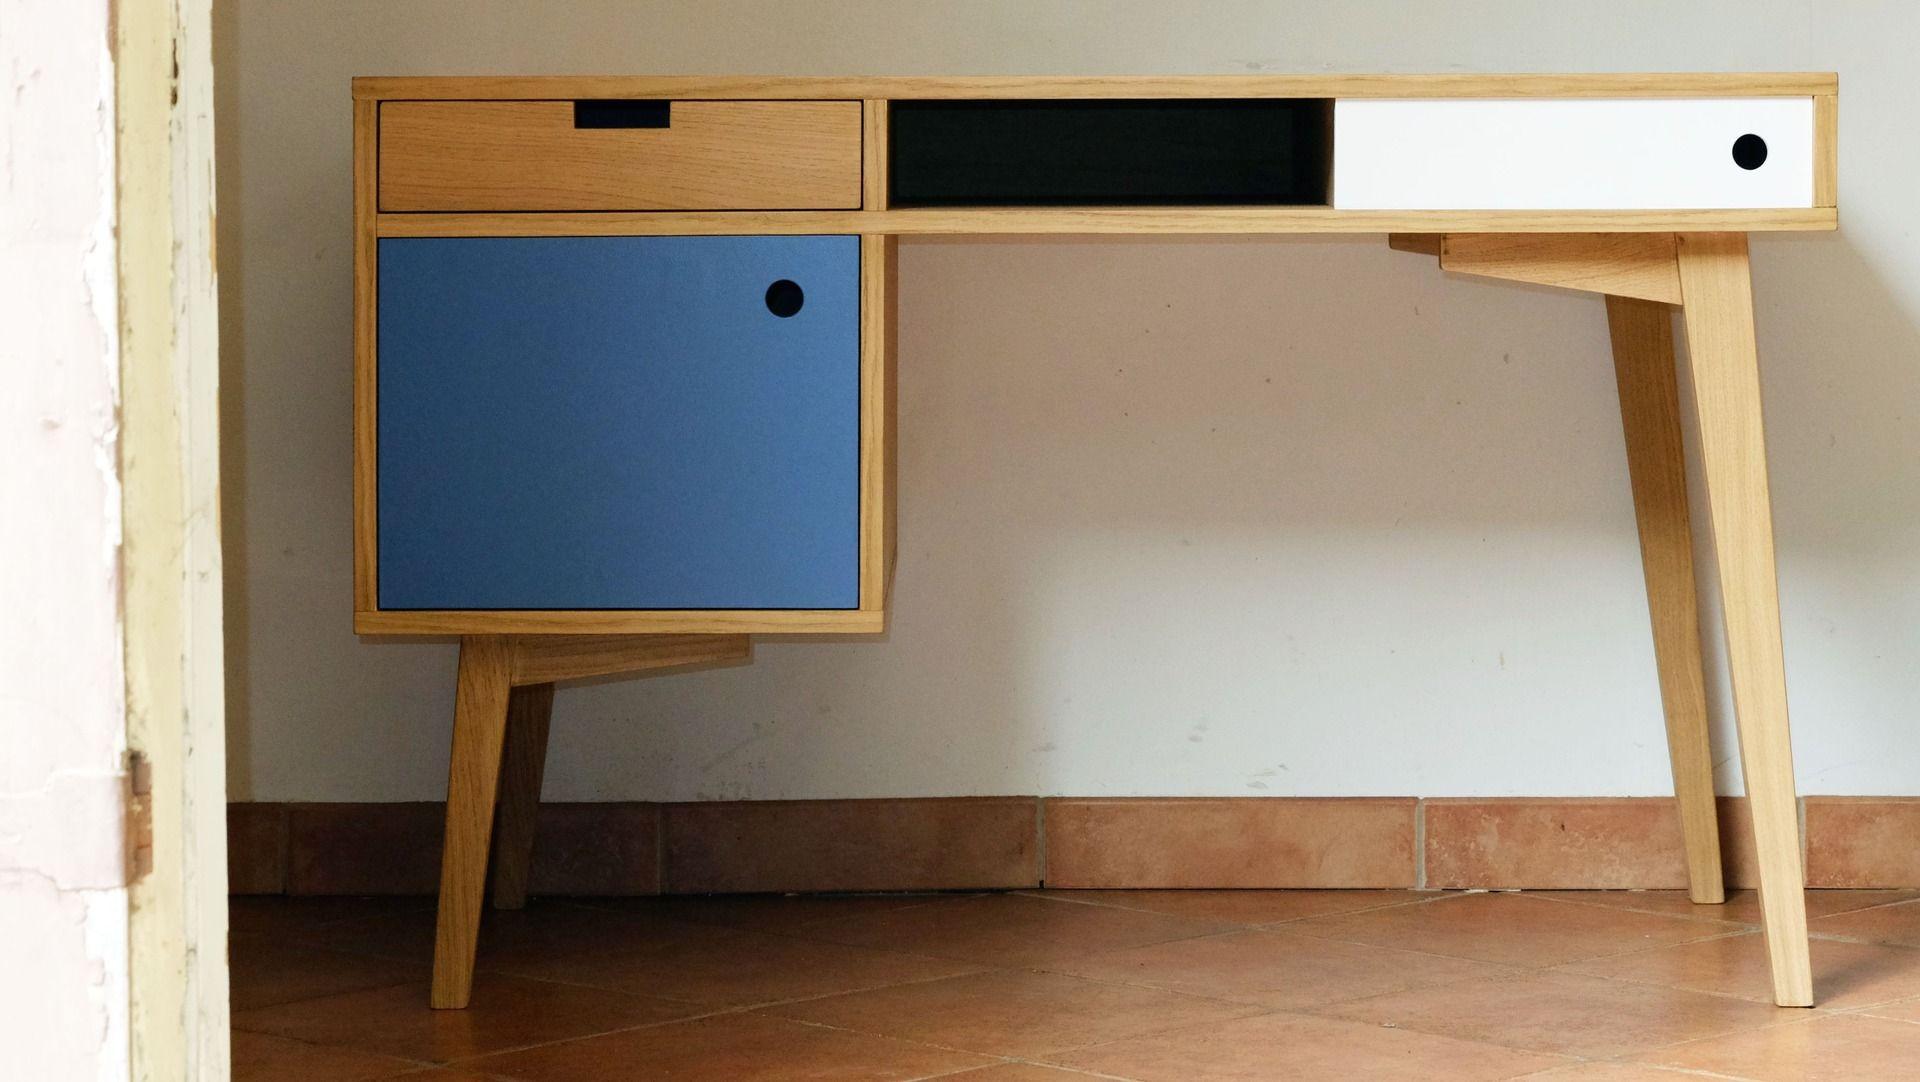 Bureau style scandinave en chne conteneur Havre Pinterest